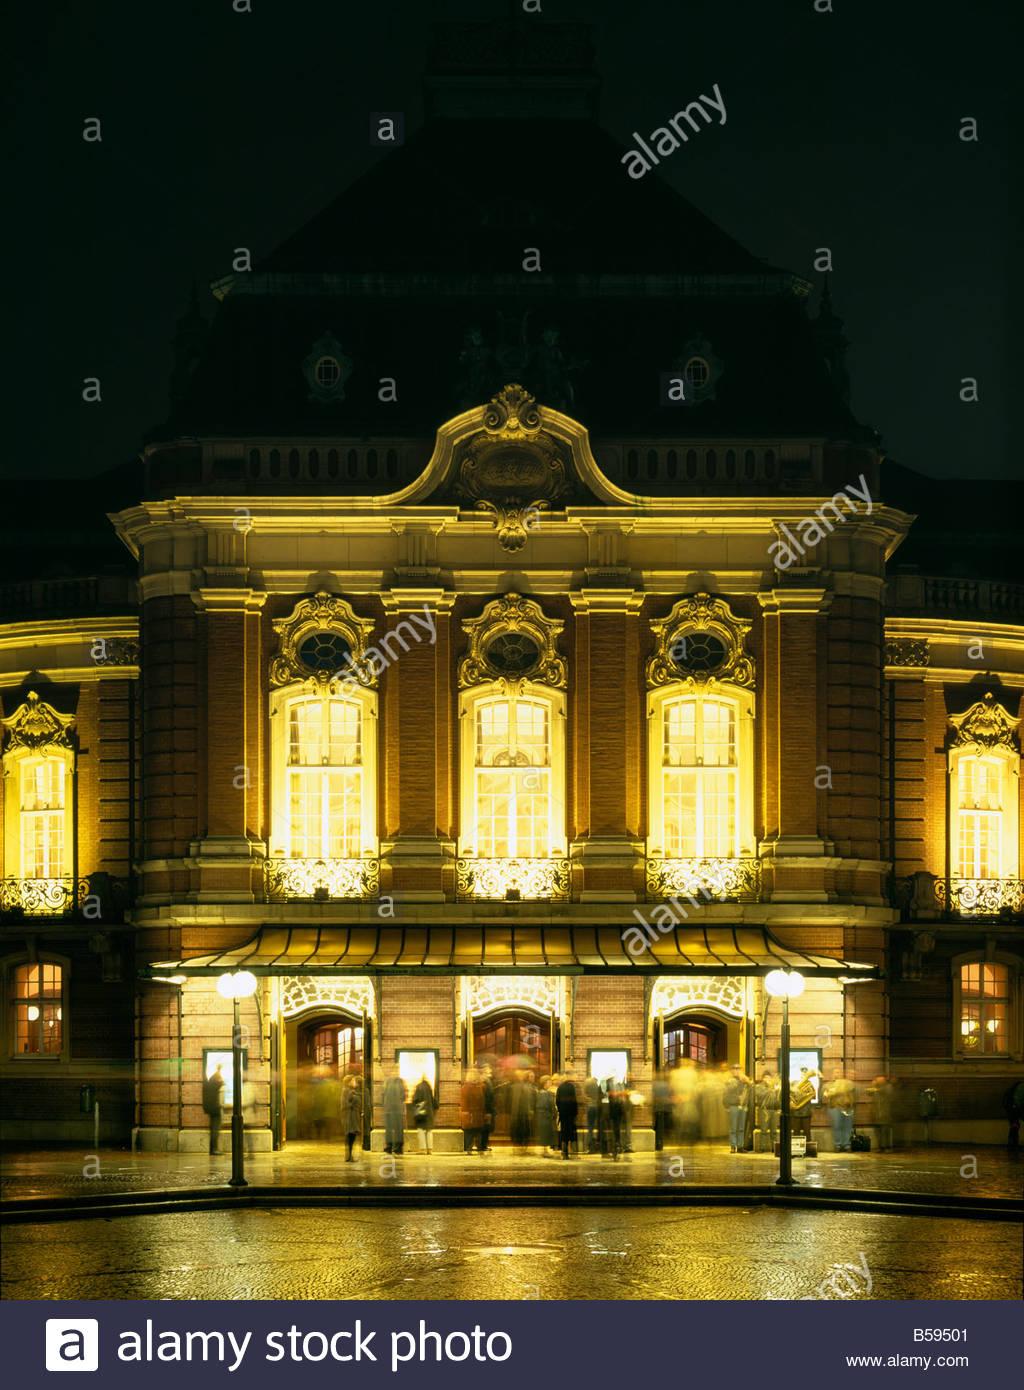 Hamburg, Musikhalle, Eingang Abends, Karl Muck Platz 20, Arch. Meerwein & Haller, 1904-1908 - Stock Image